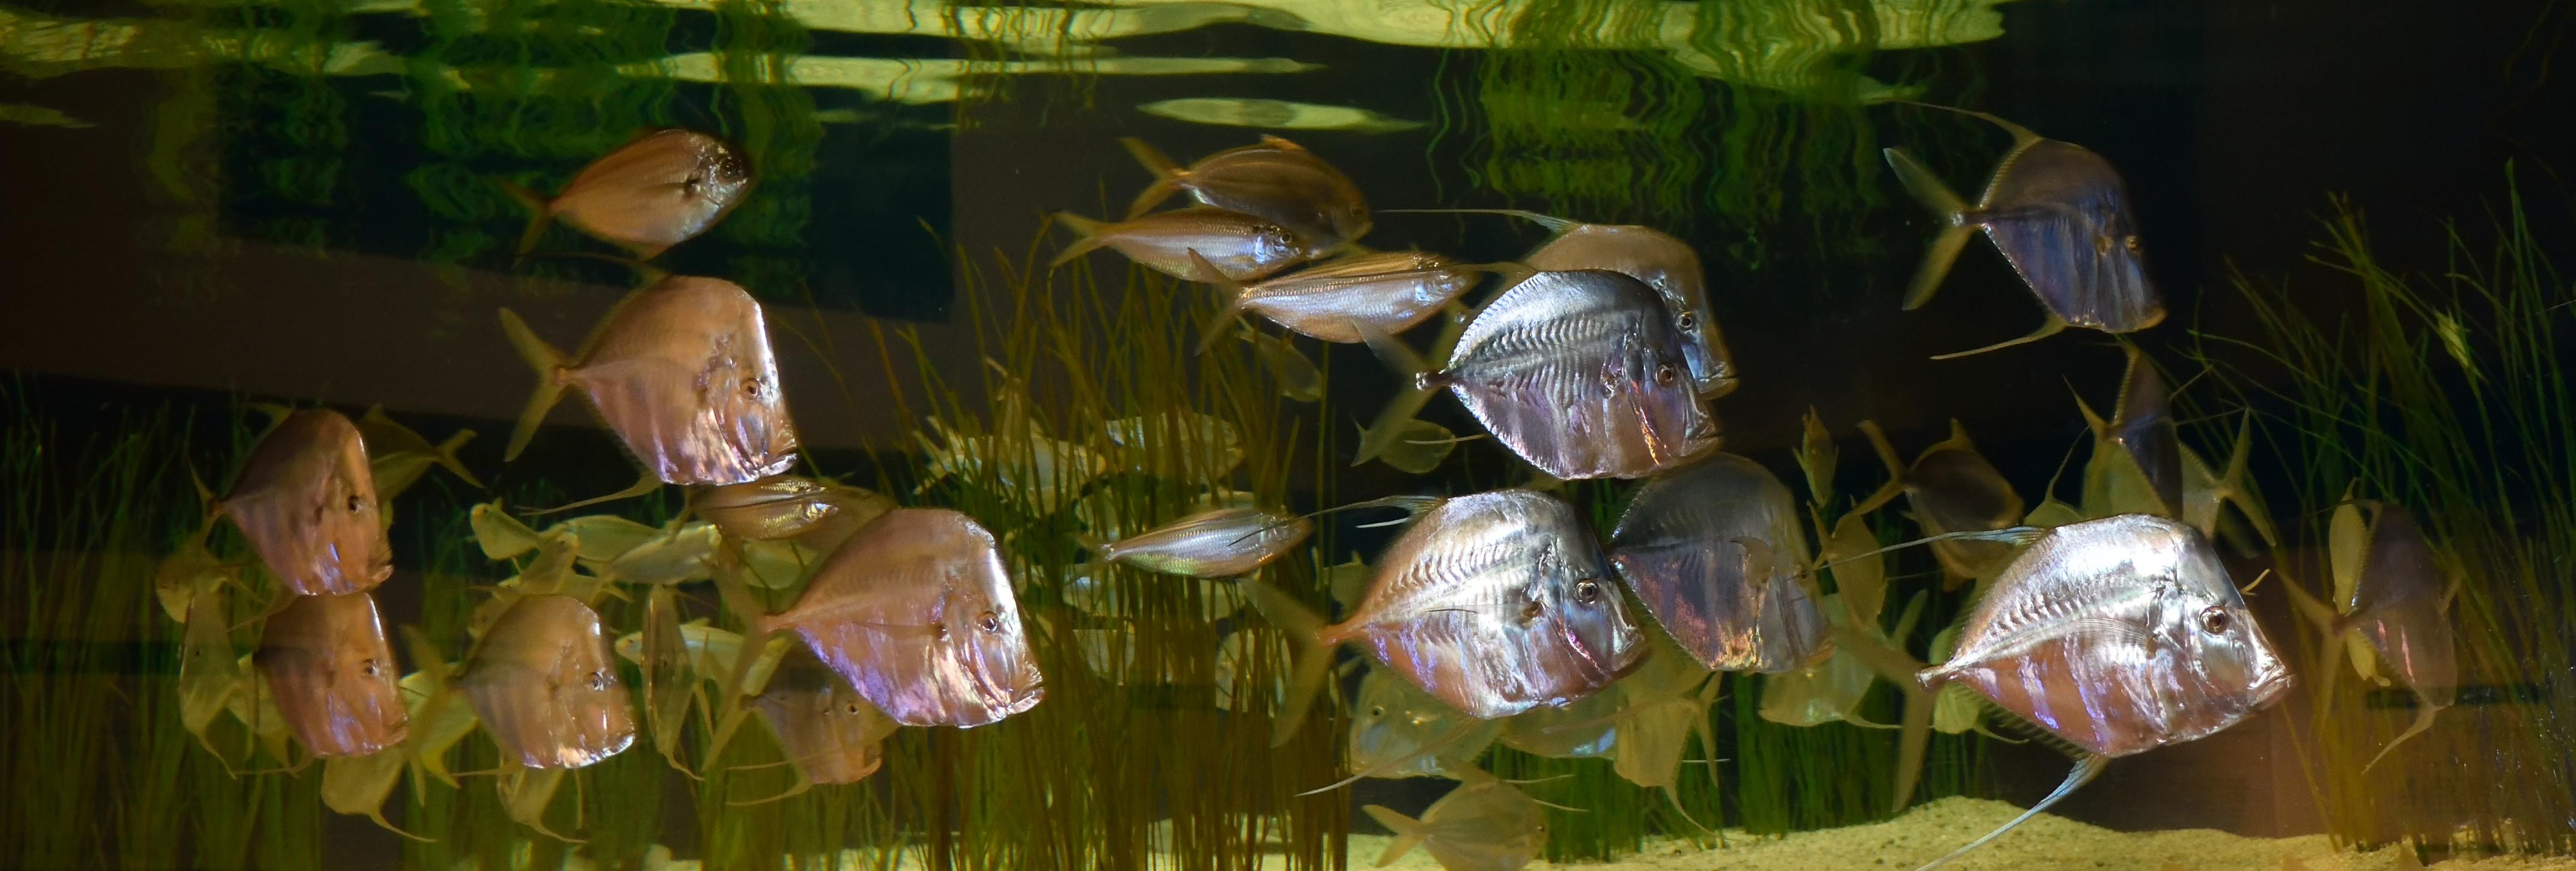 file fish exhibit exhibit at the ft fisher aquarium in carolina